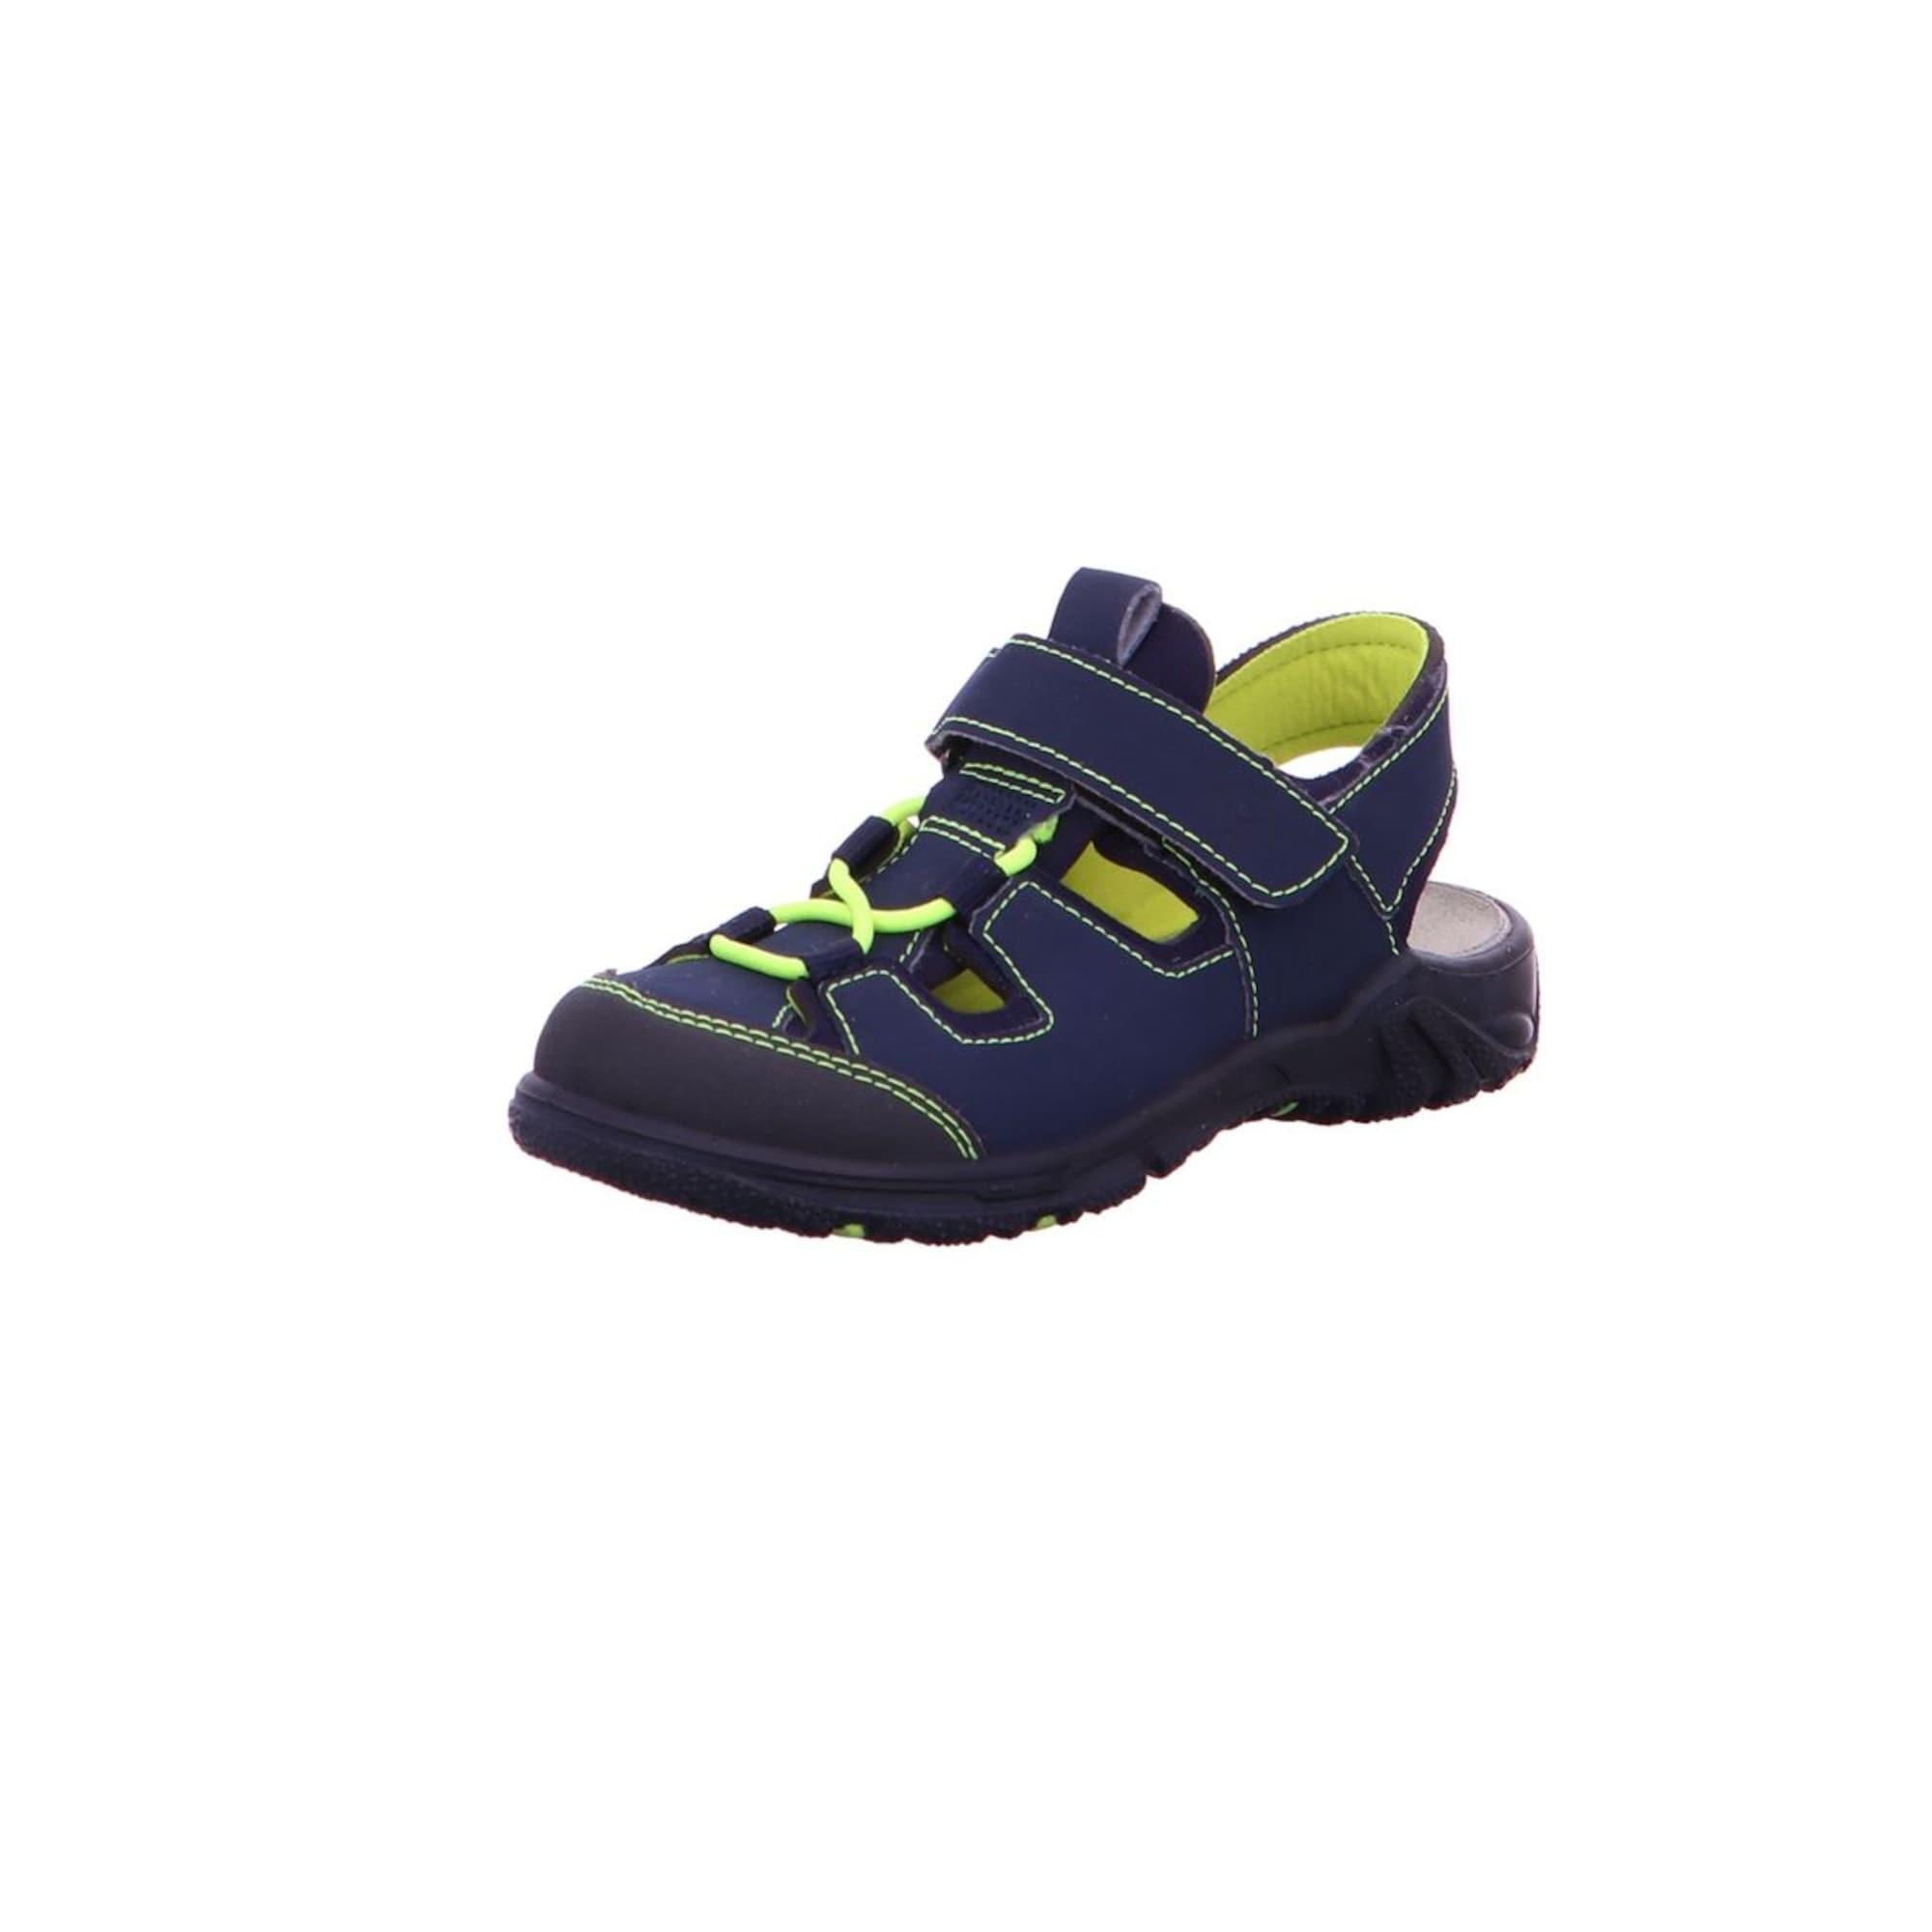 Otevřená obuv Gerald námořnická modř svítivě zelená RICOSTA